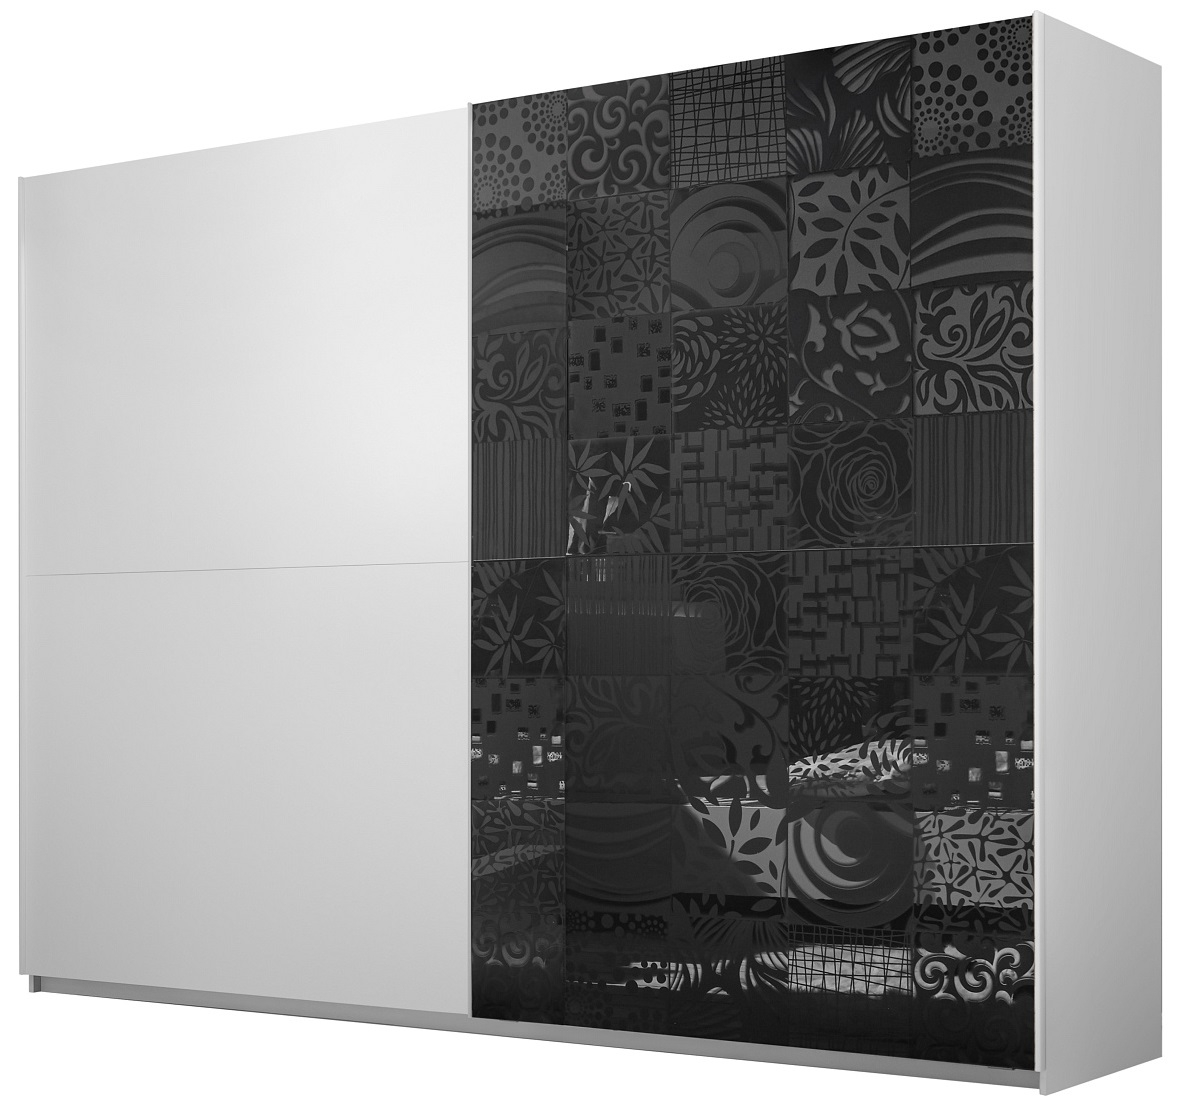 slaapkamerkast zweefdeurkast Perez 275 cm breed in mat wit met hoogglans antraciet